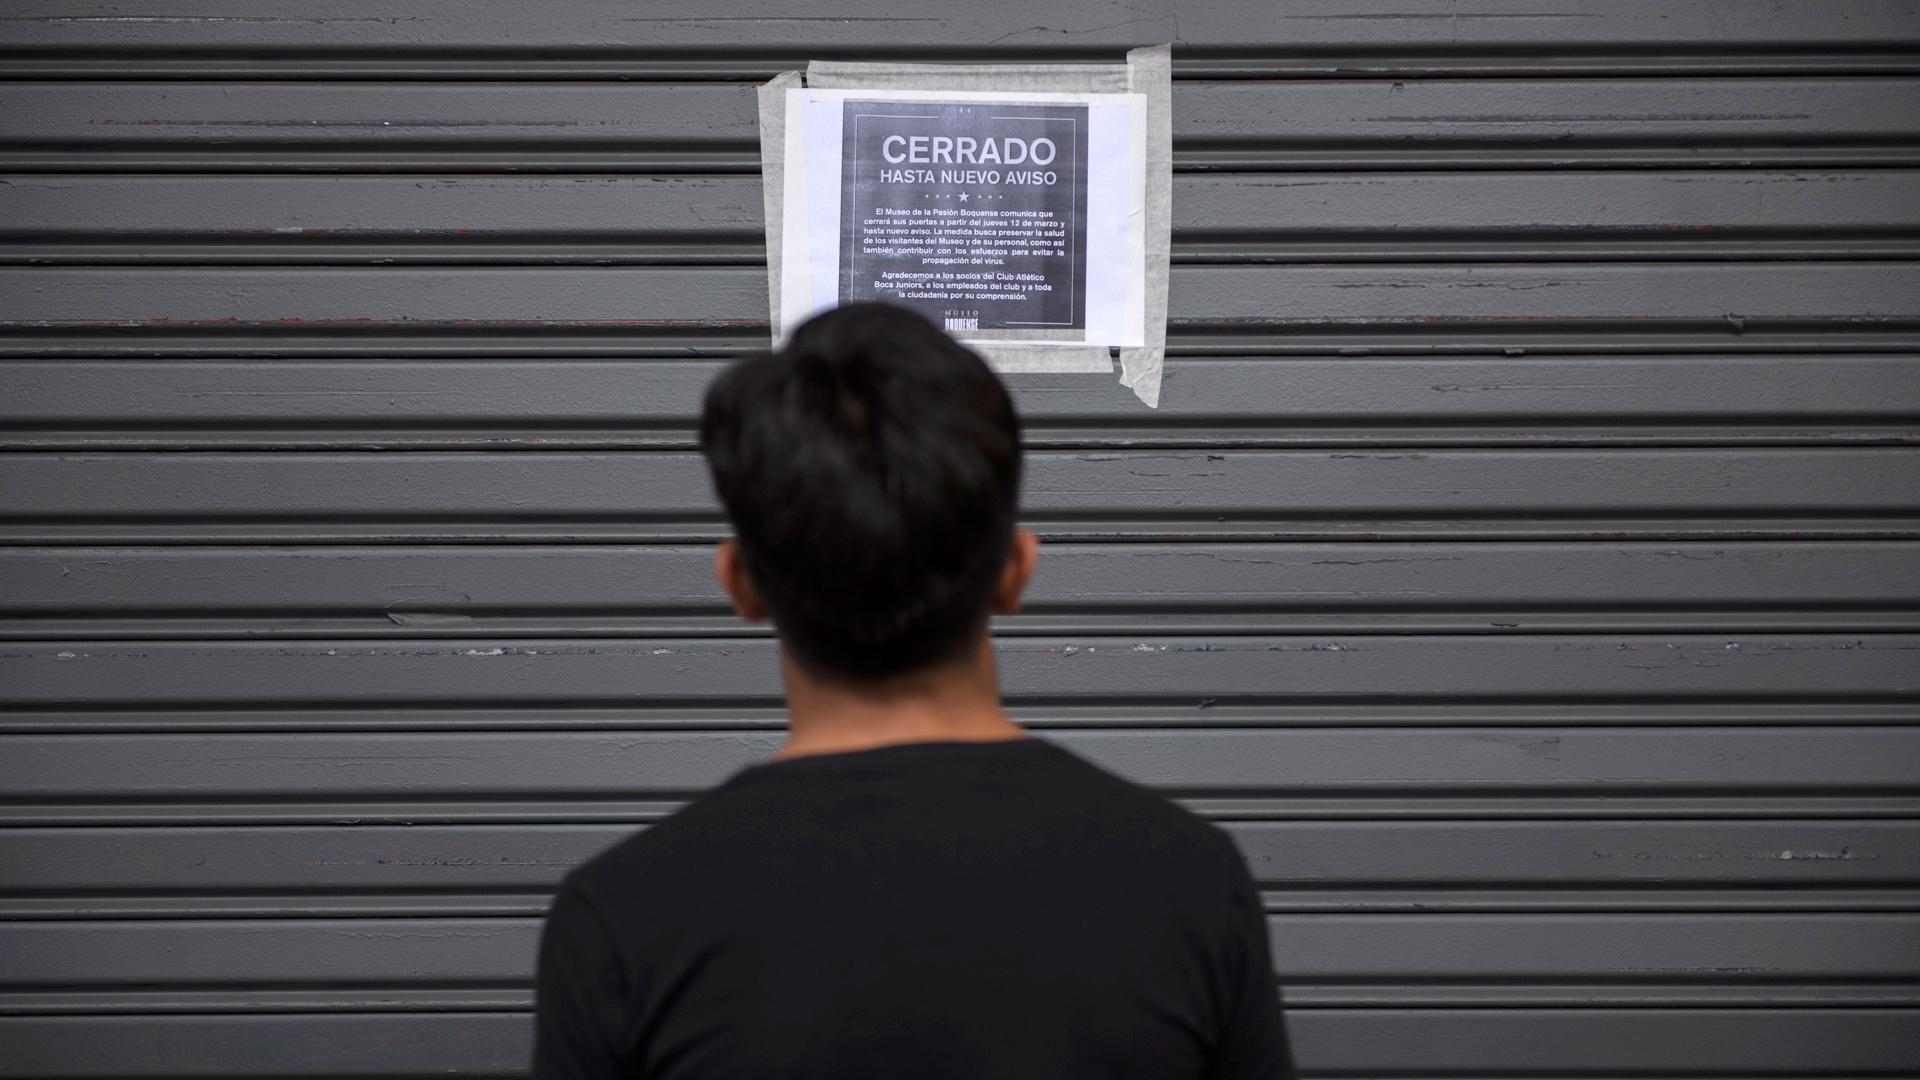 Los museos de la Capital Federal cerraron sus puertas luego del anuncio del gobierno porteño